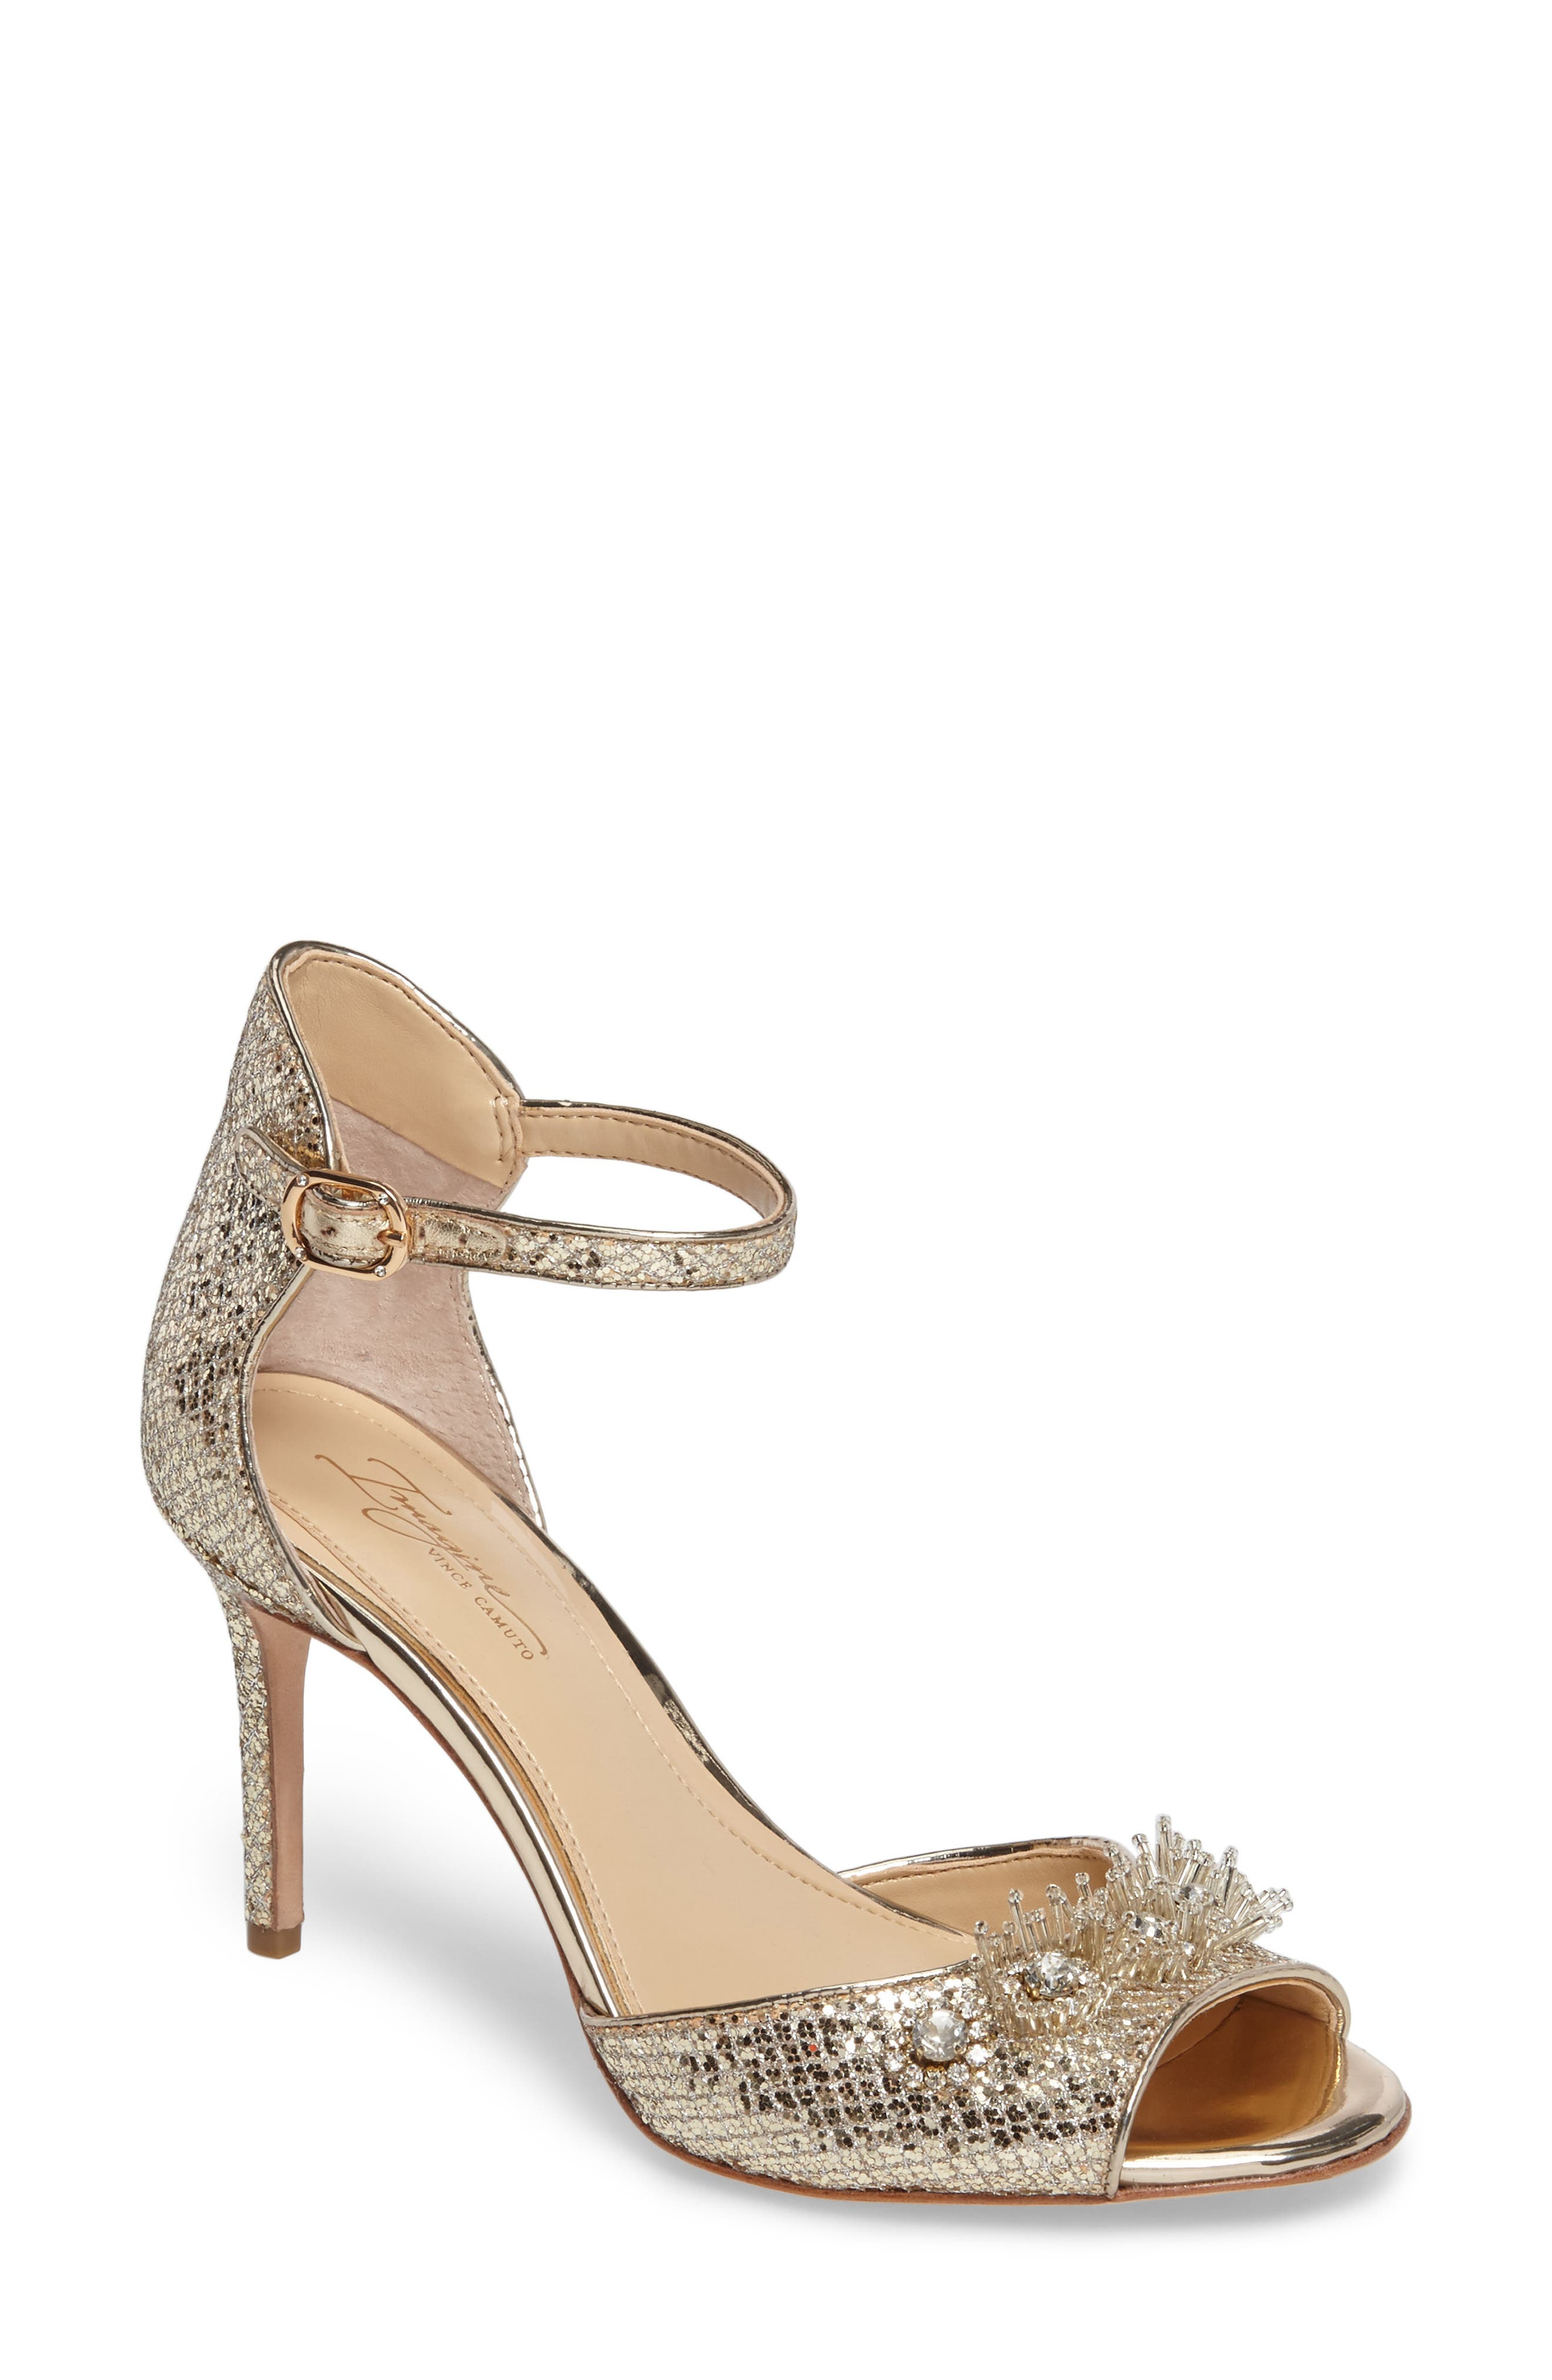 Prisca Embellished Sandal,                             Main thumbnail 1, color,                             Soft Gold